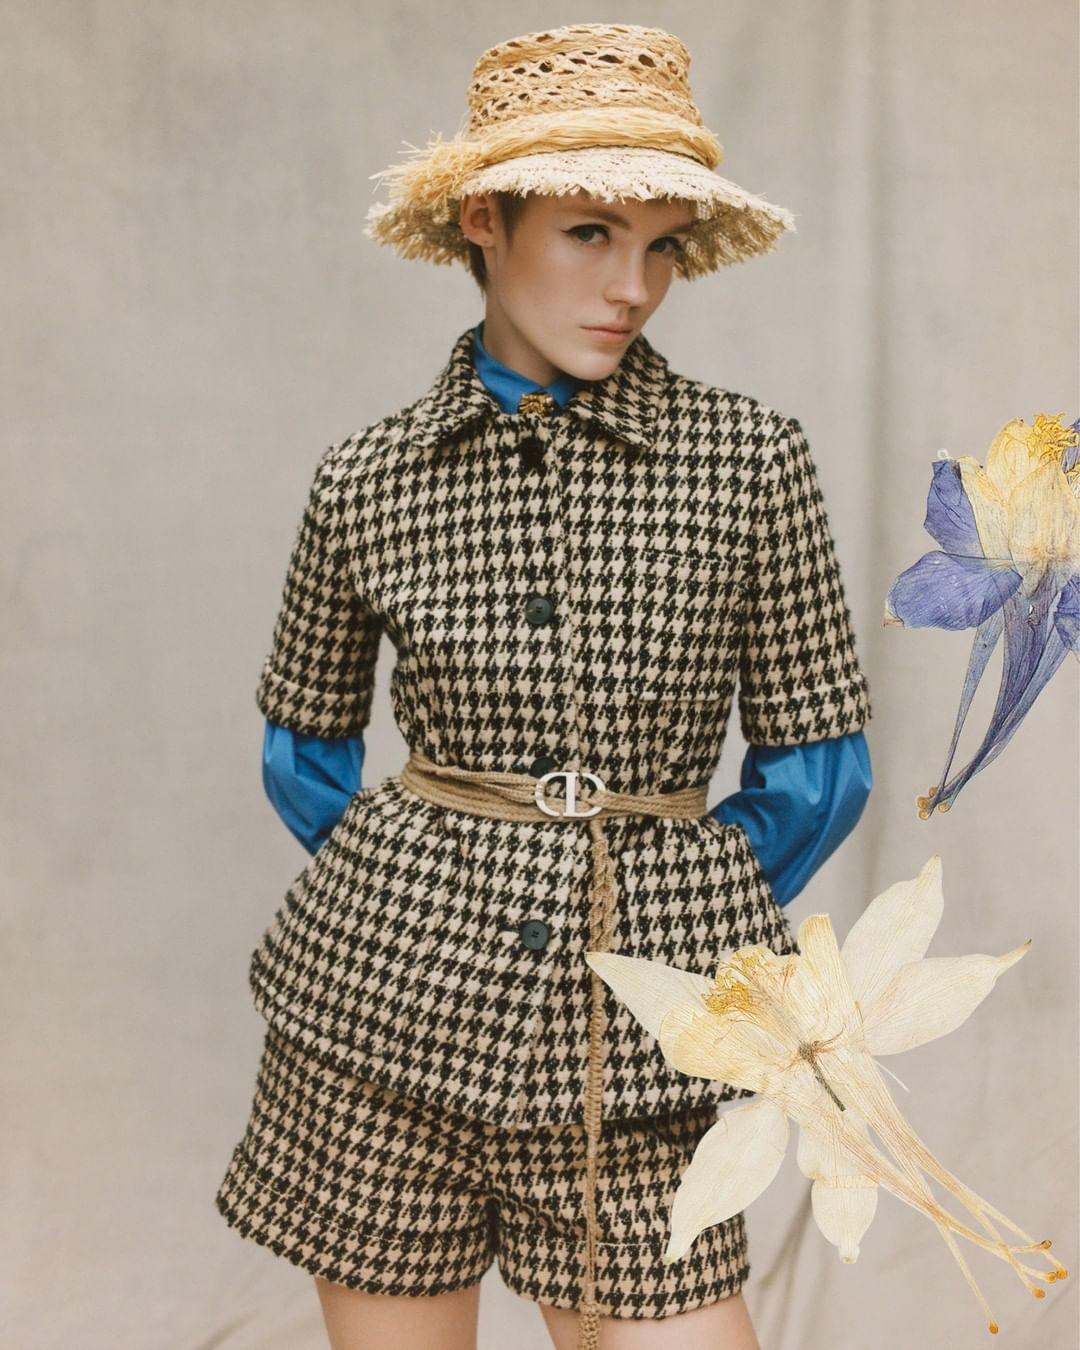 người mẫu mặc bộ suit ngắn họa tiết kẻ ô houndstooth dior xuân hè 2020